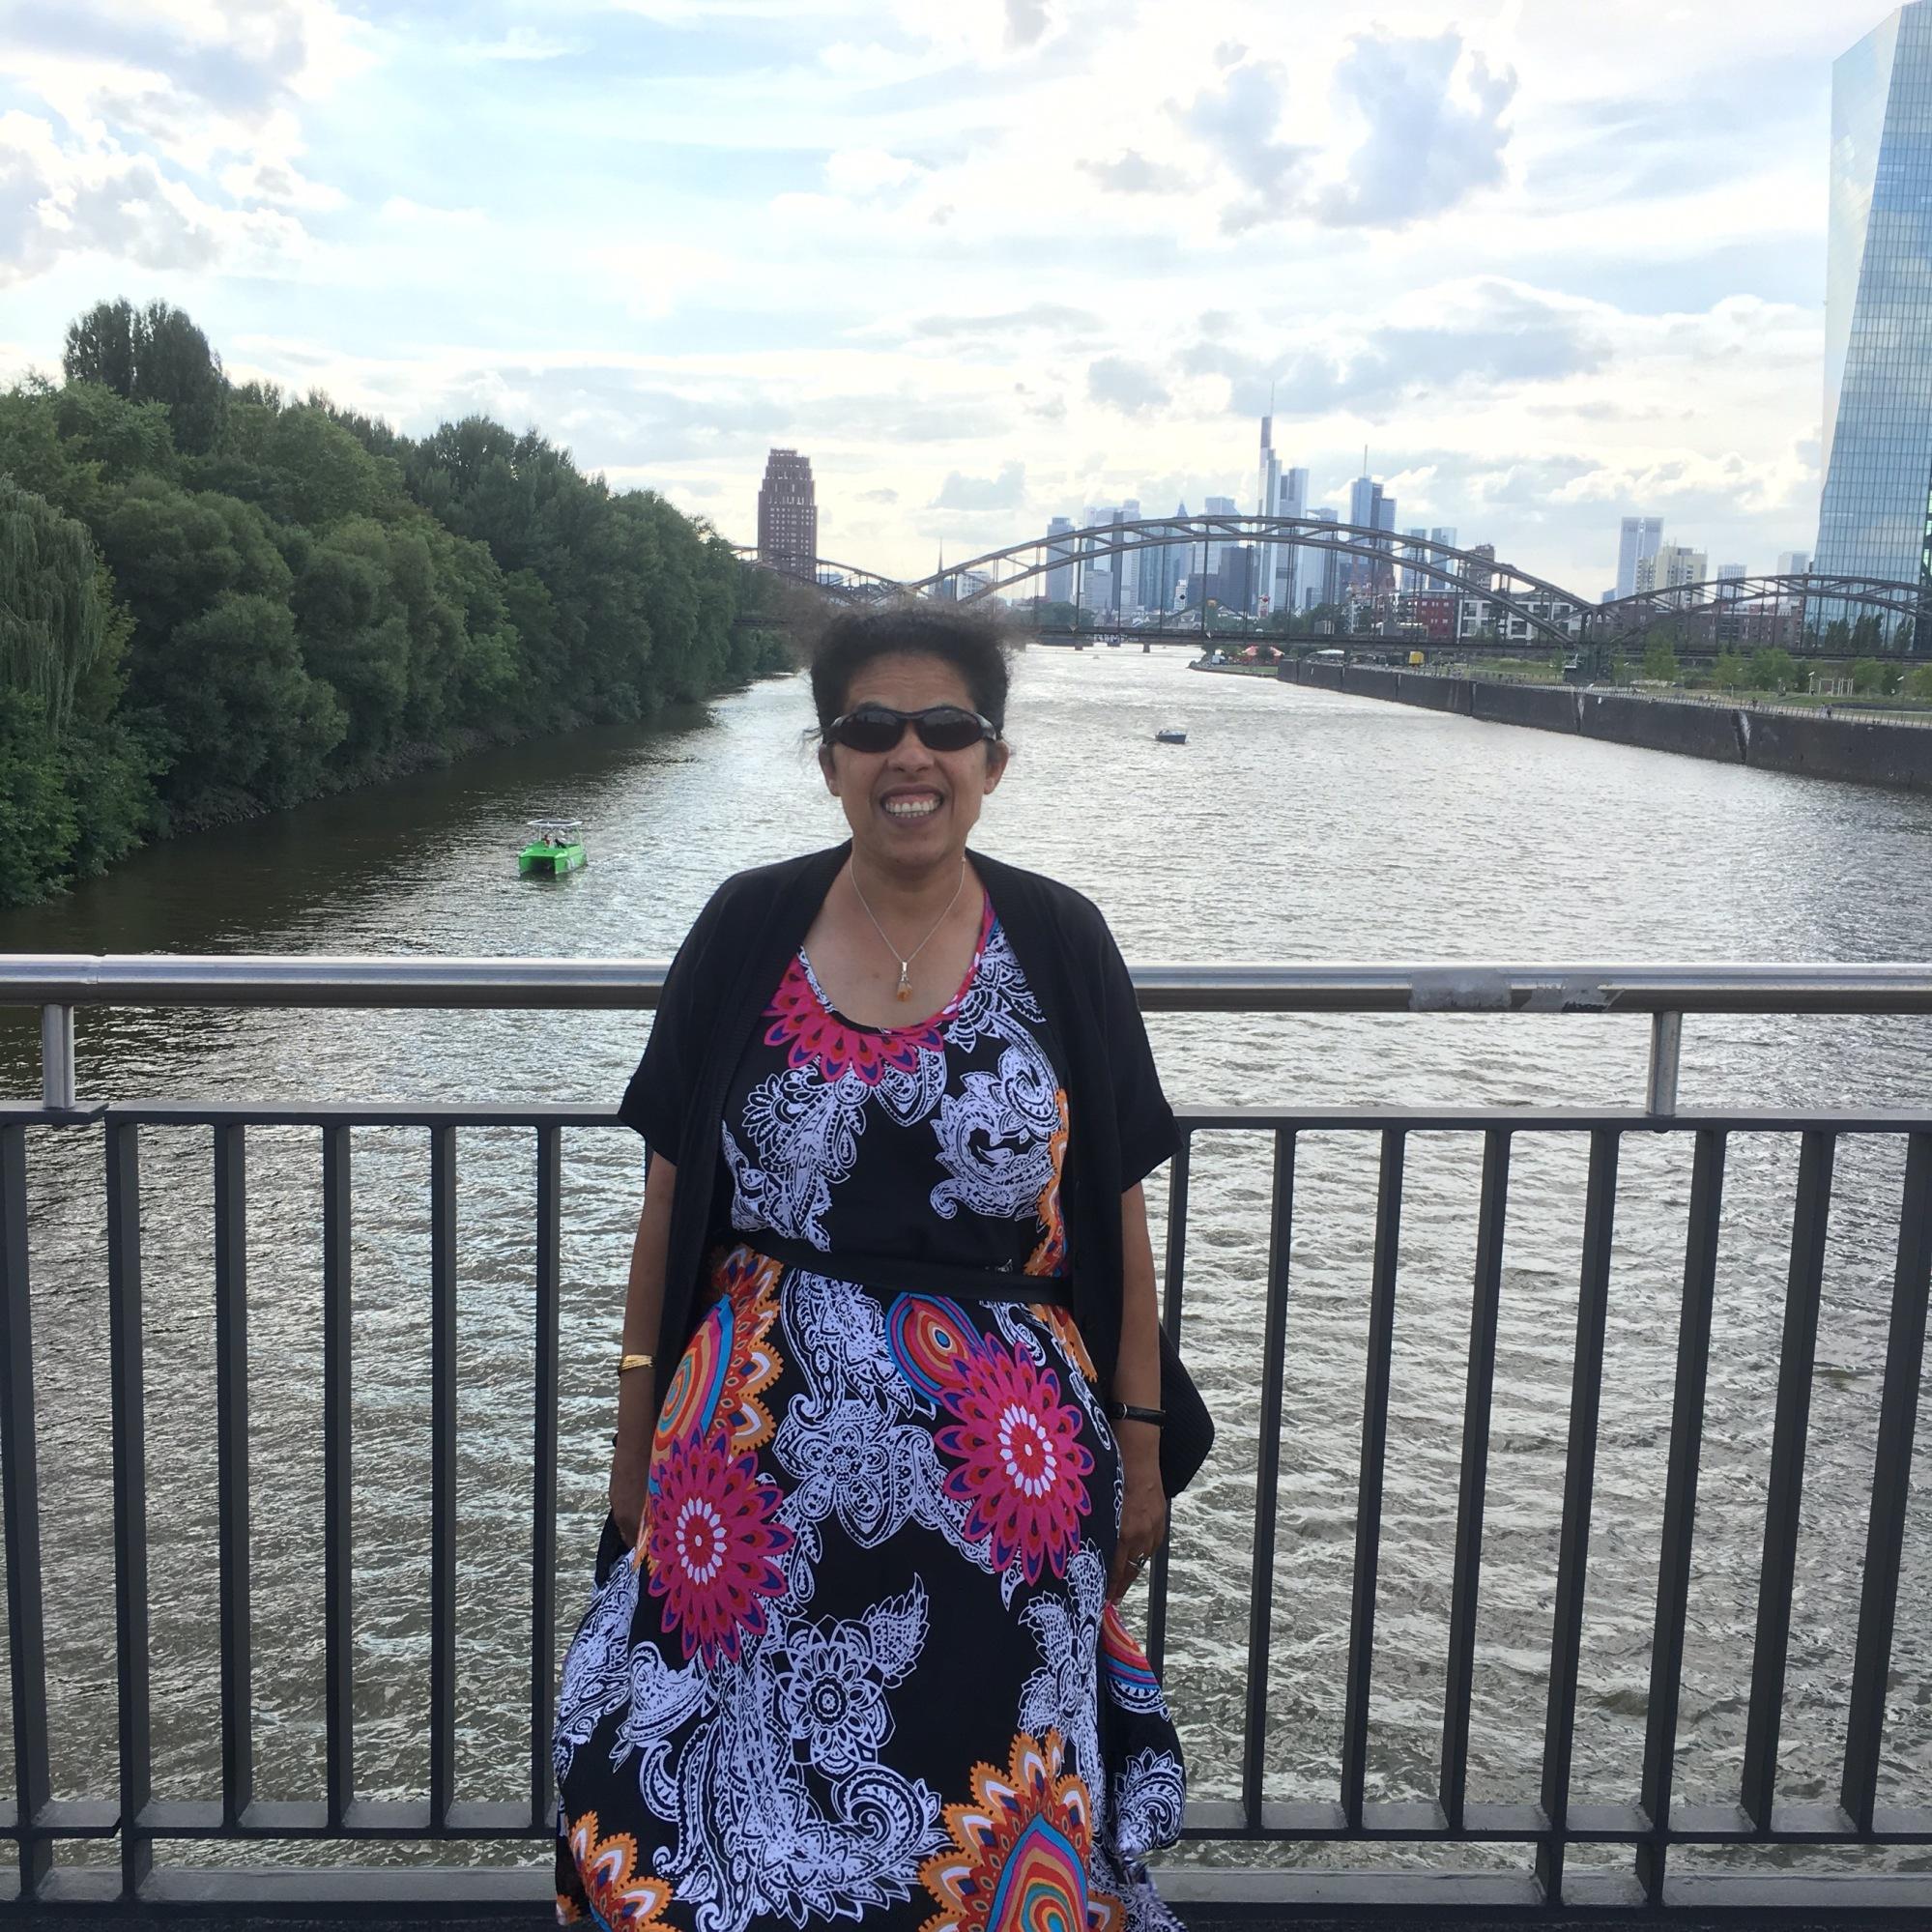 Lydia auf einer Brücke mit Skyline im Hintergrund